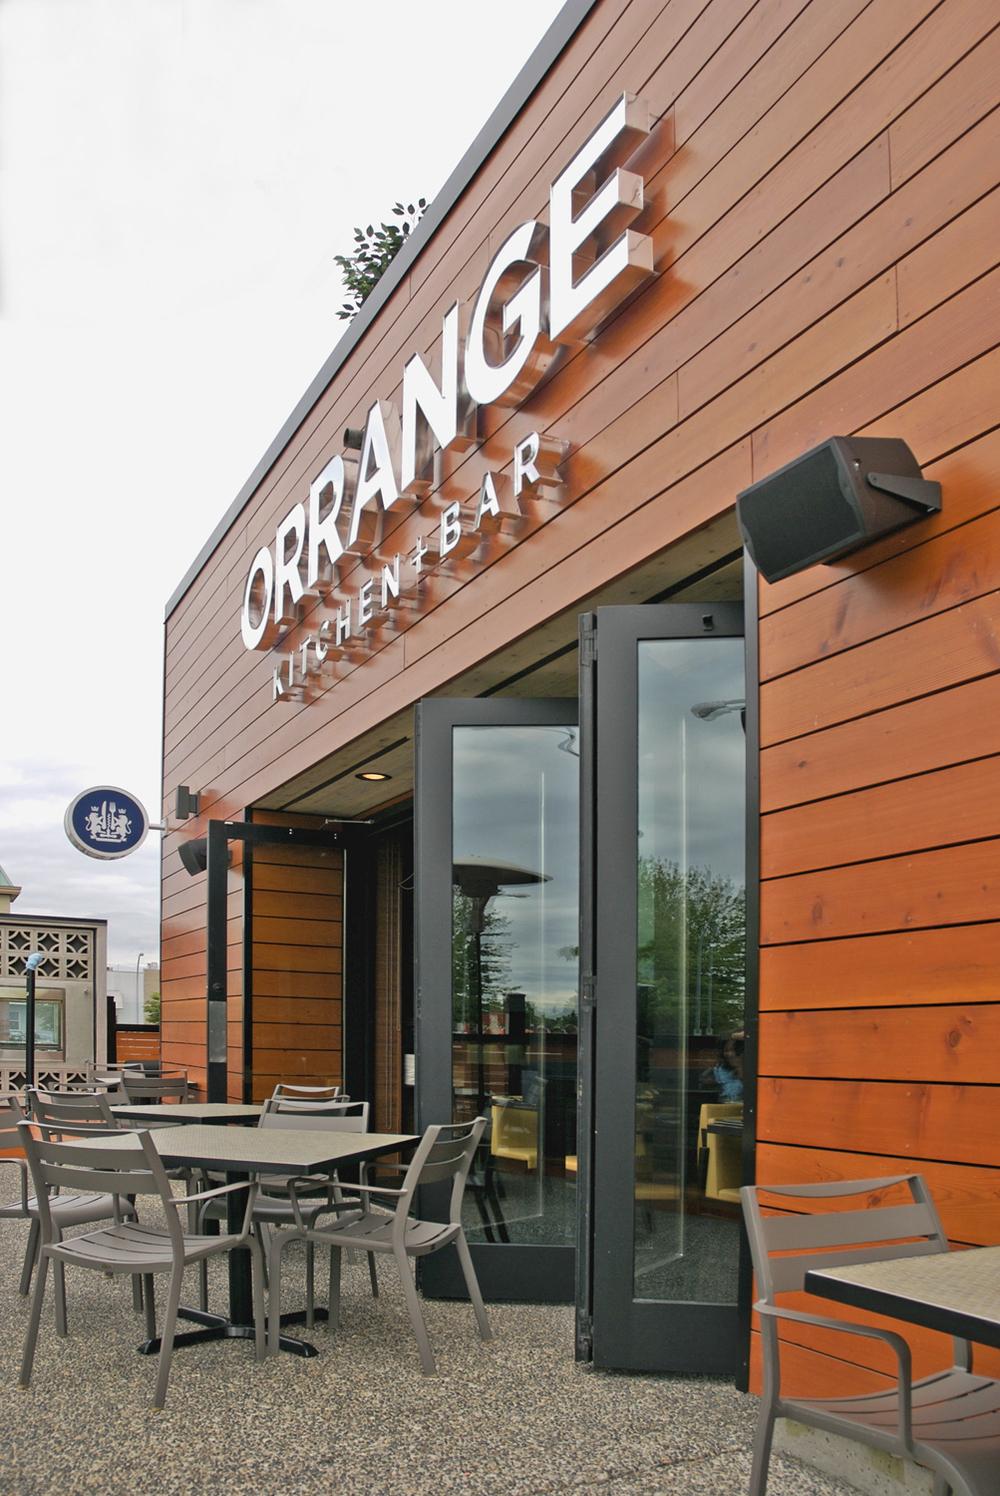 Orrange Restaurant